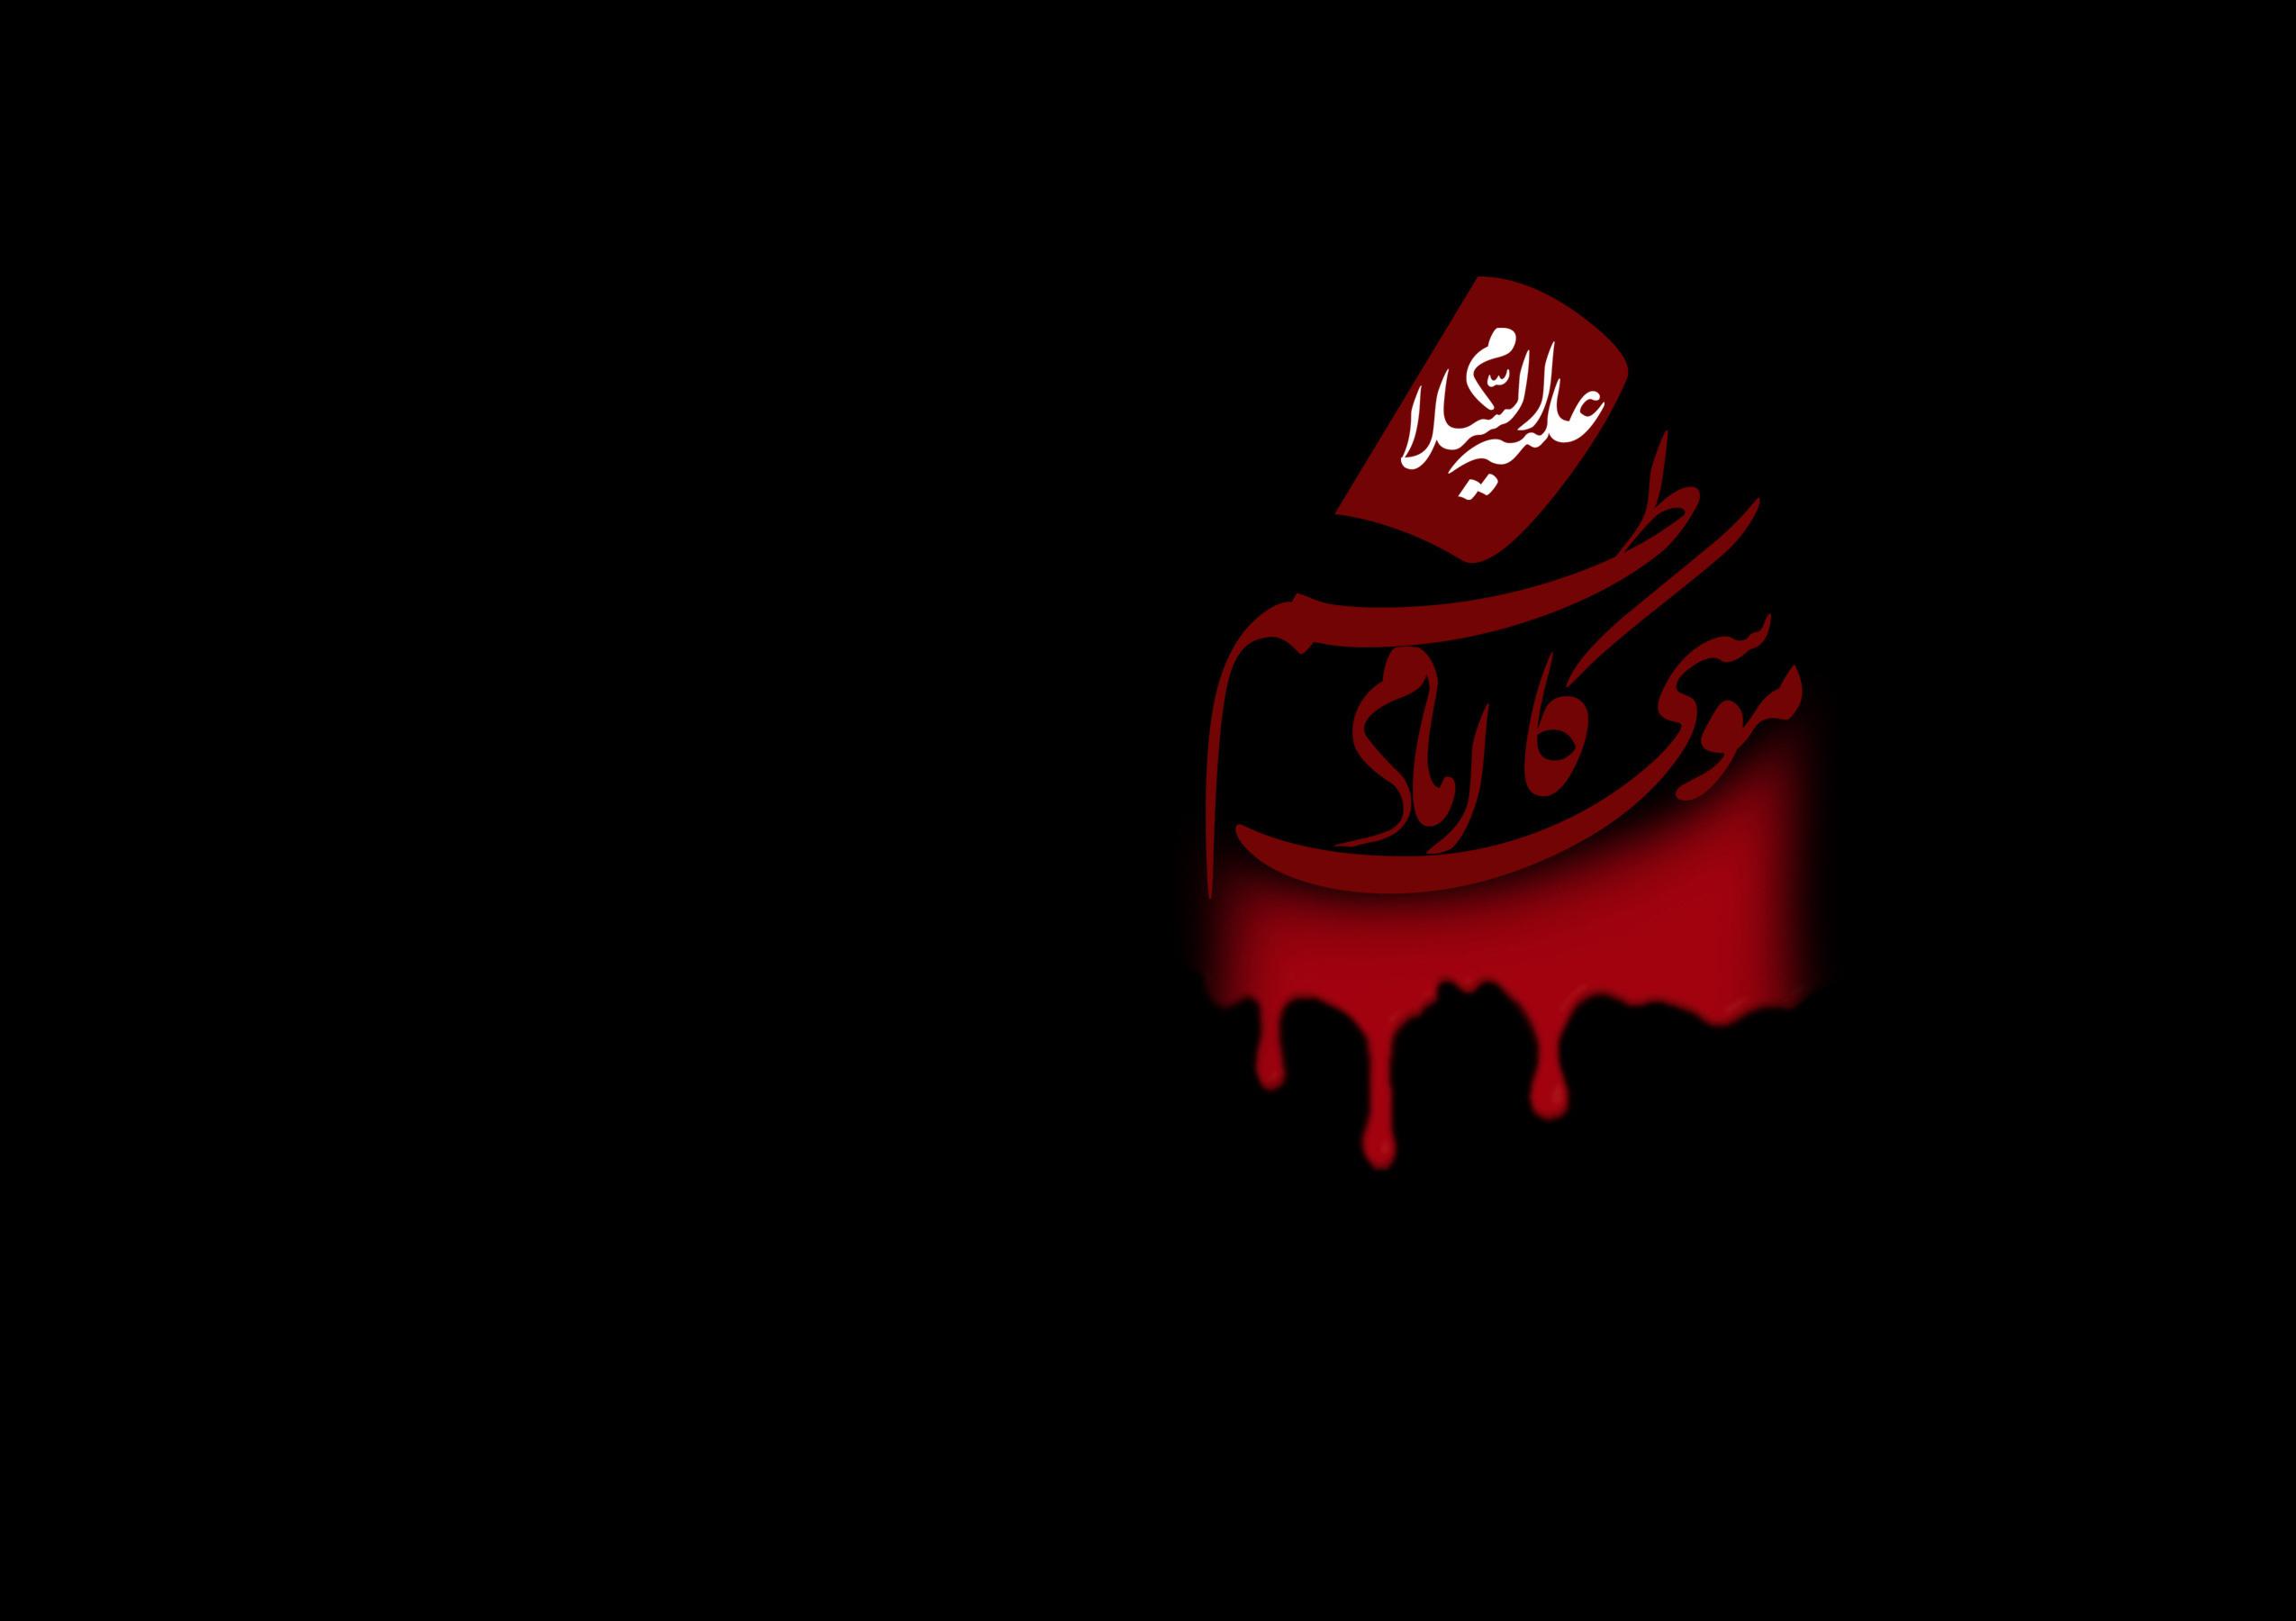 چرا به امام هفتم کاظم می گویند